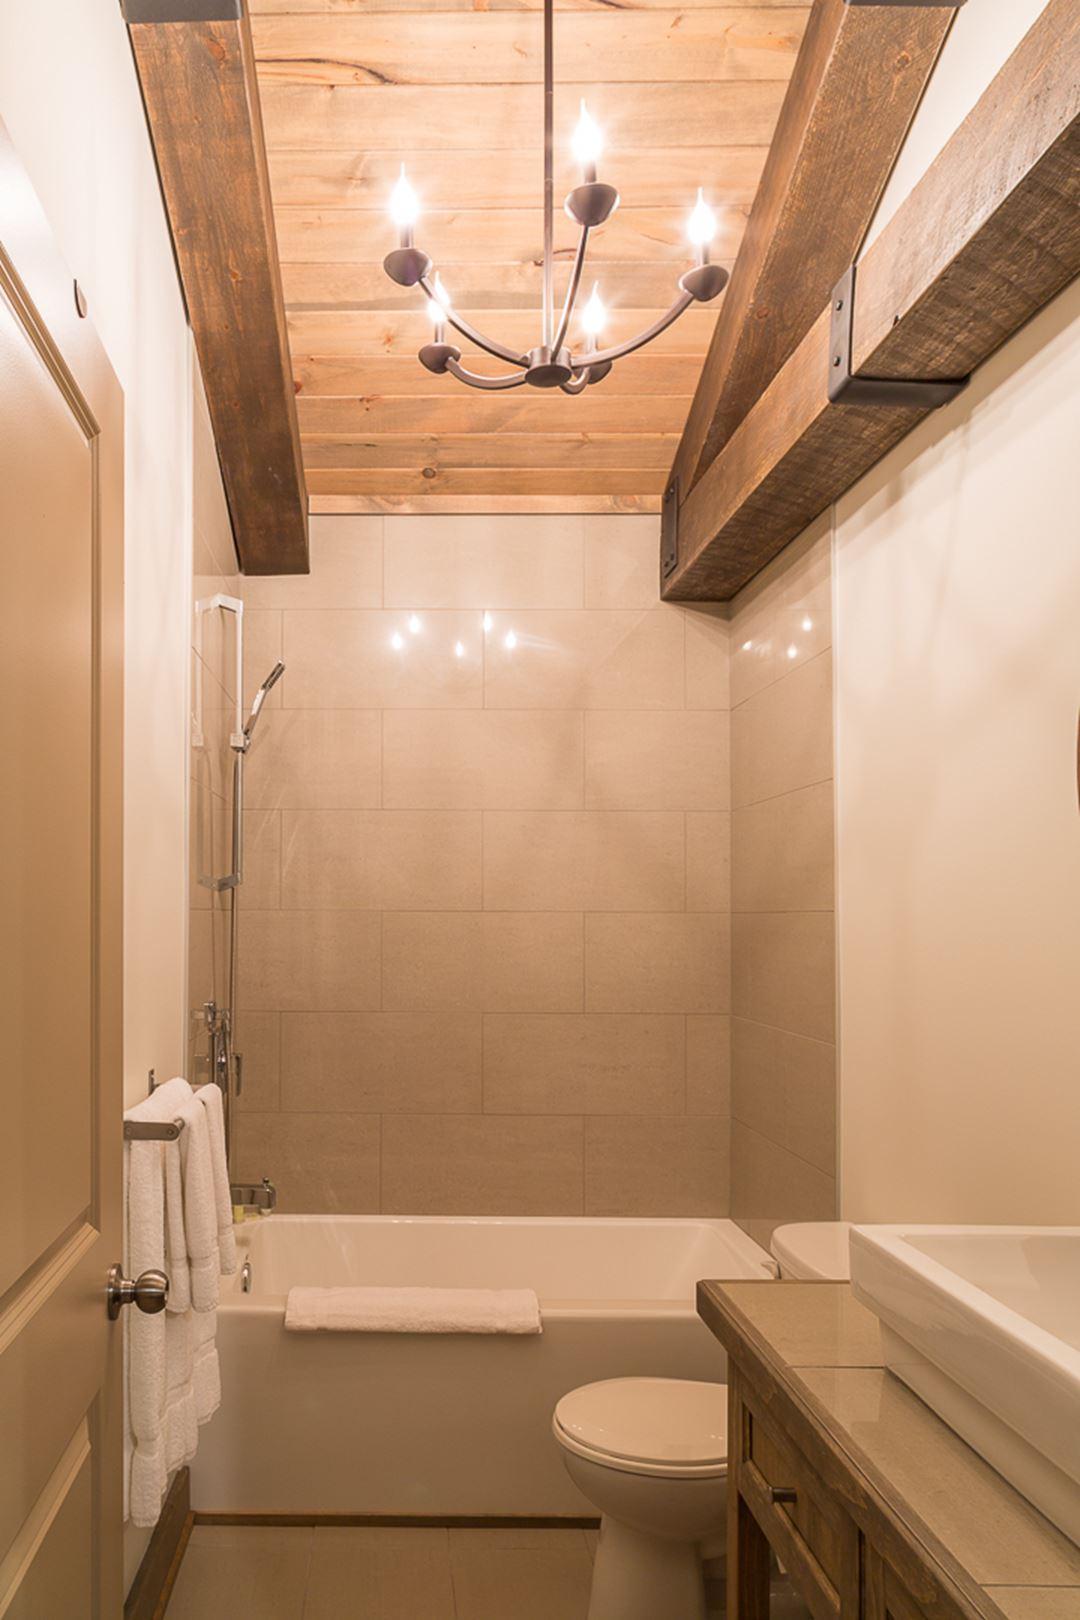 Hôtel-Spa Le Suisse salle de bain